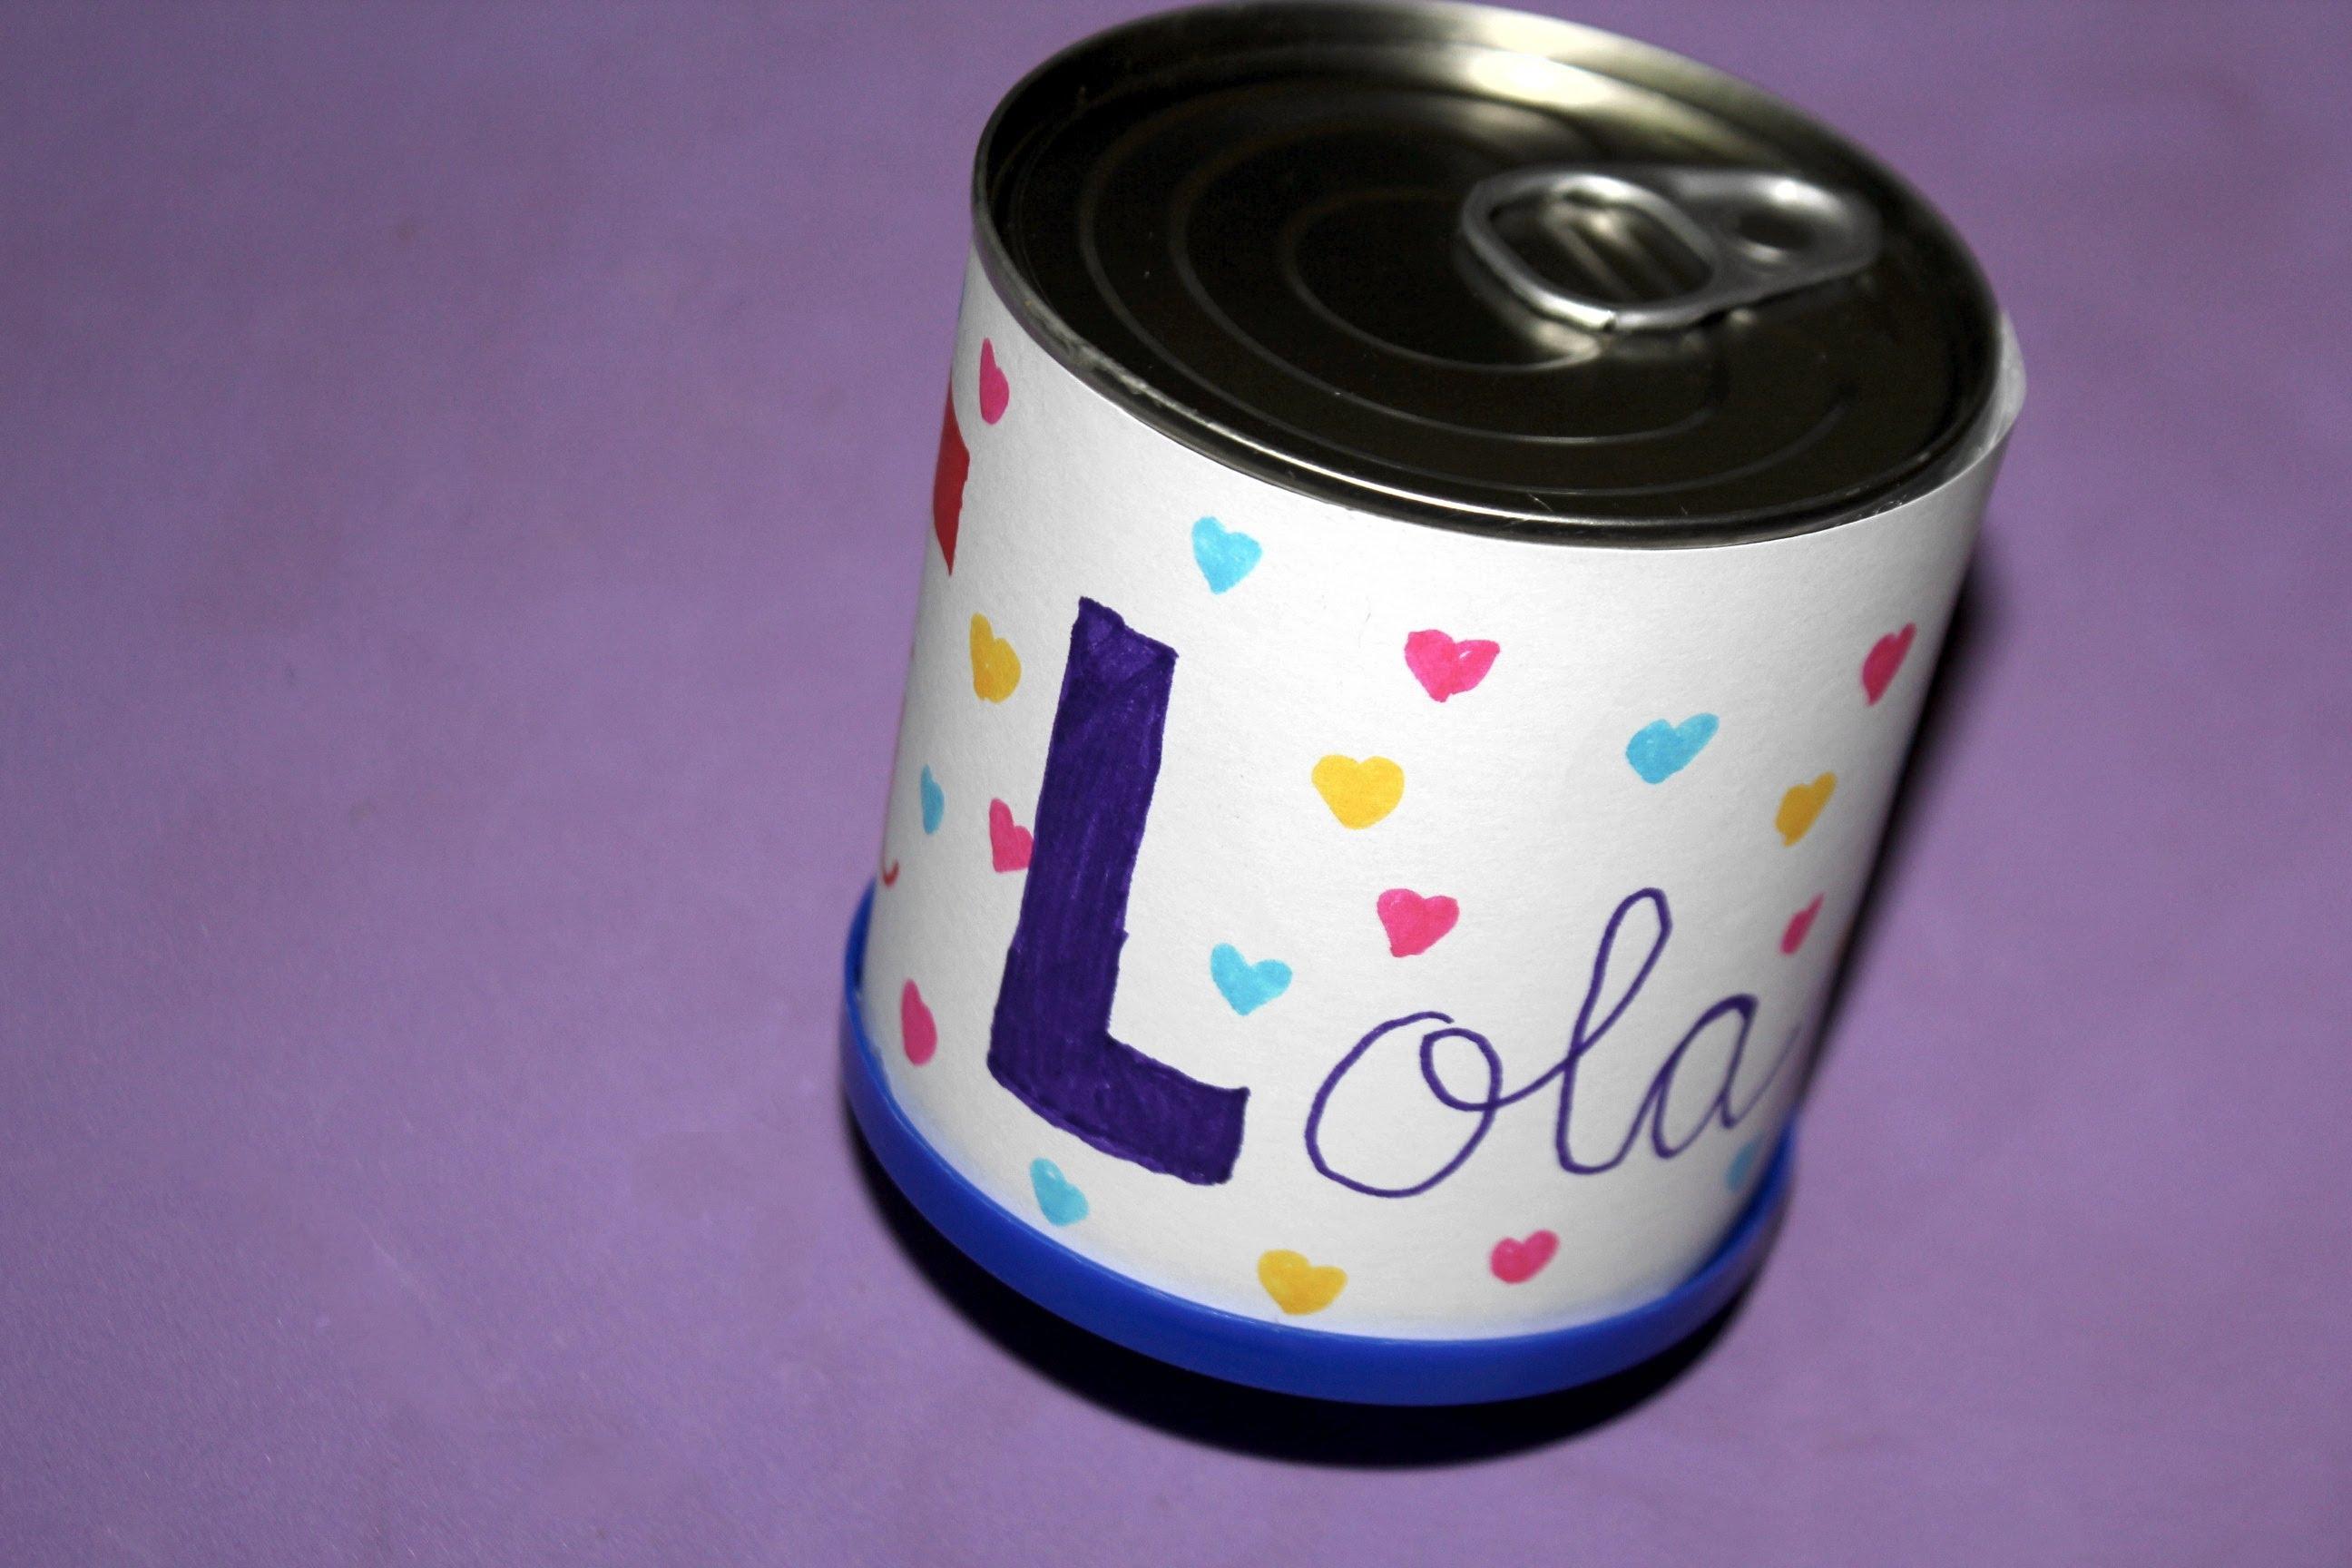 Etiquetas para latas